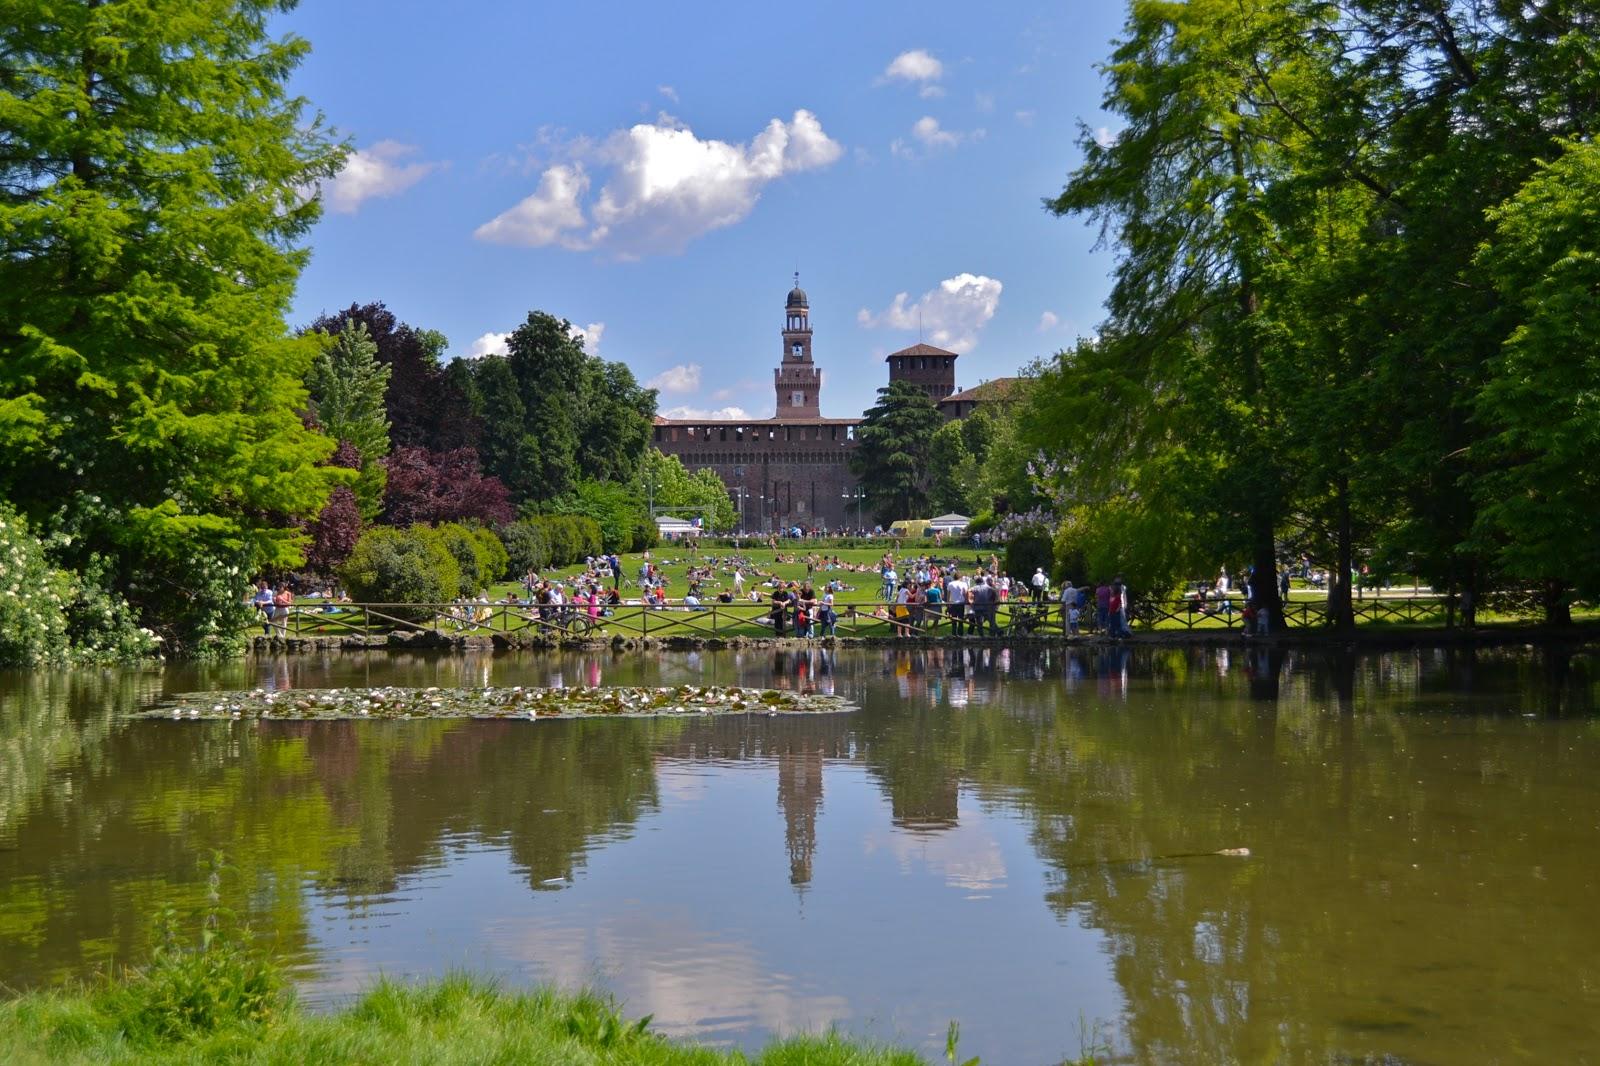 Parchi ingresso gratuito dove studiare primavera Milano